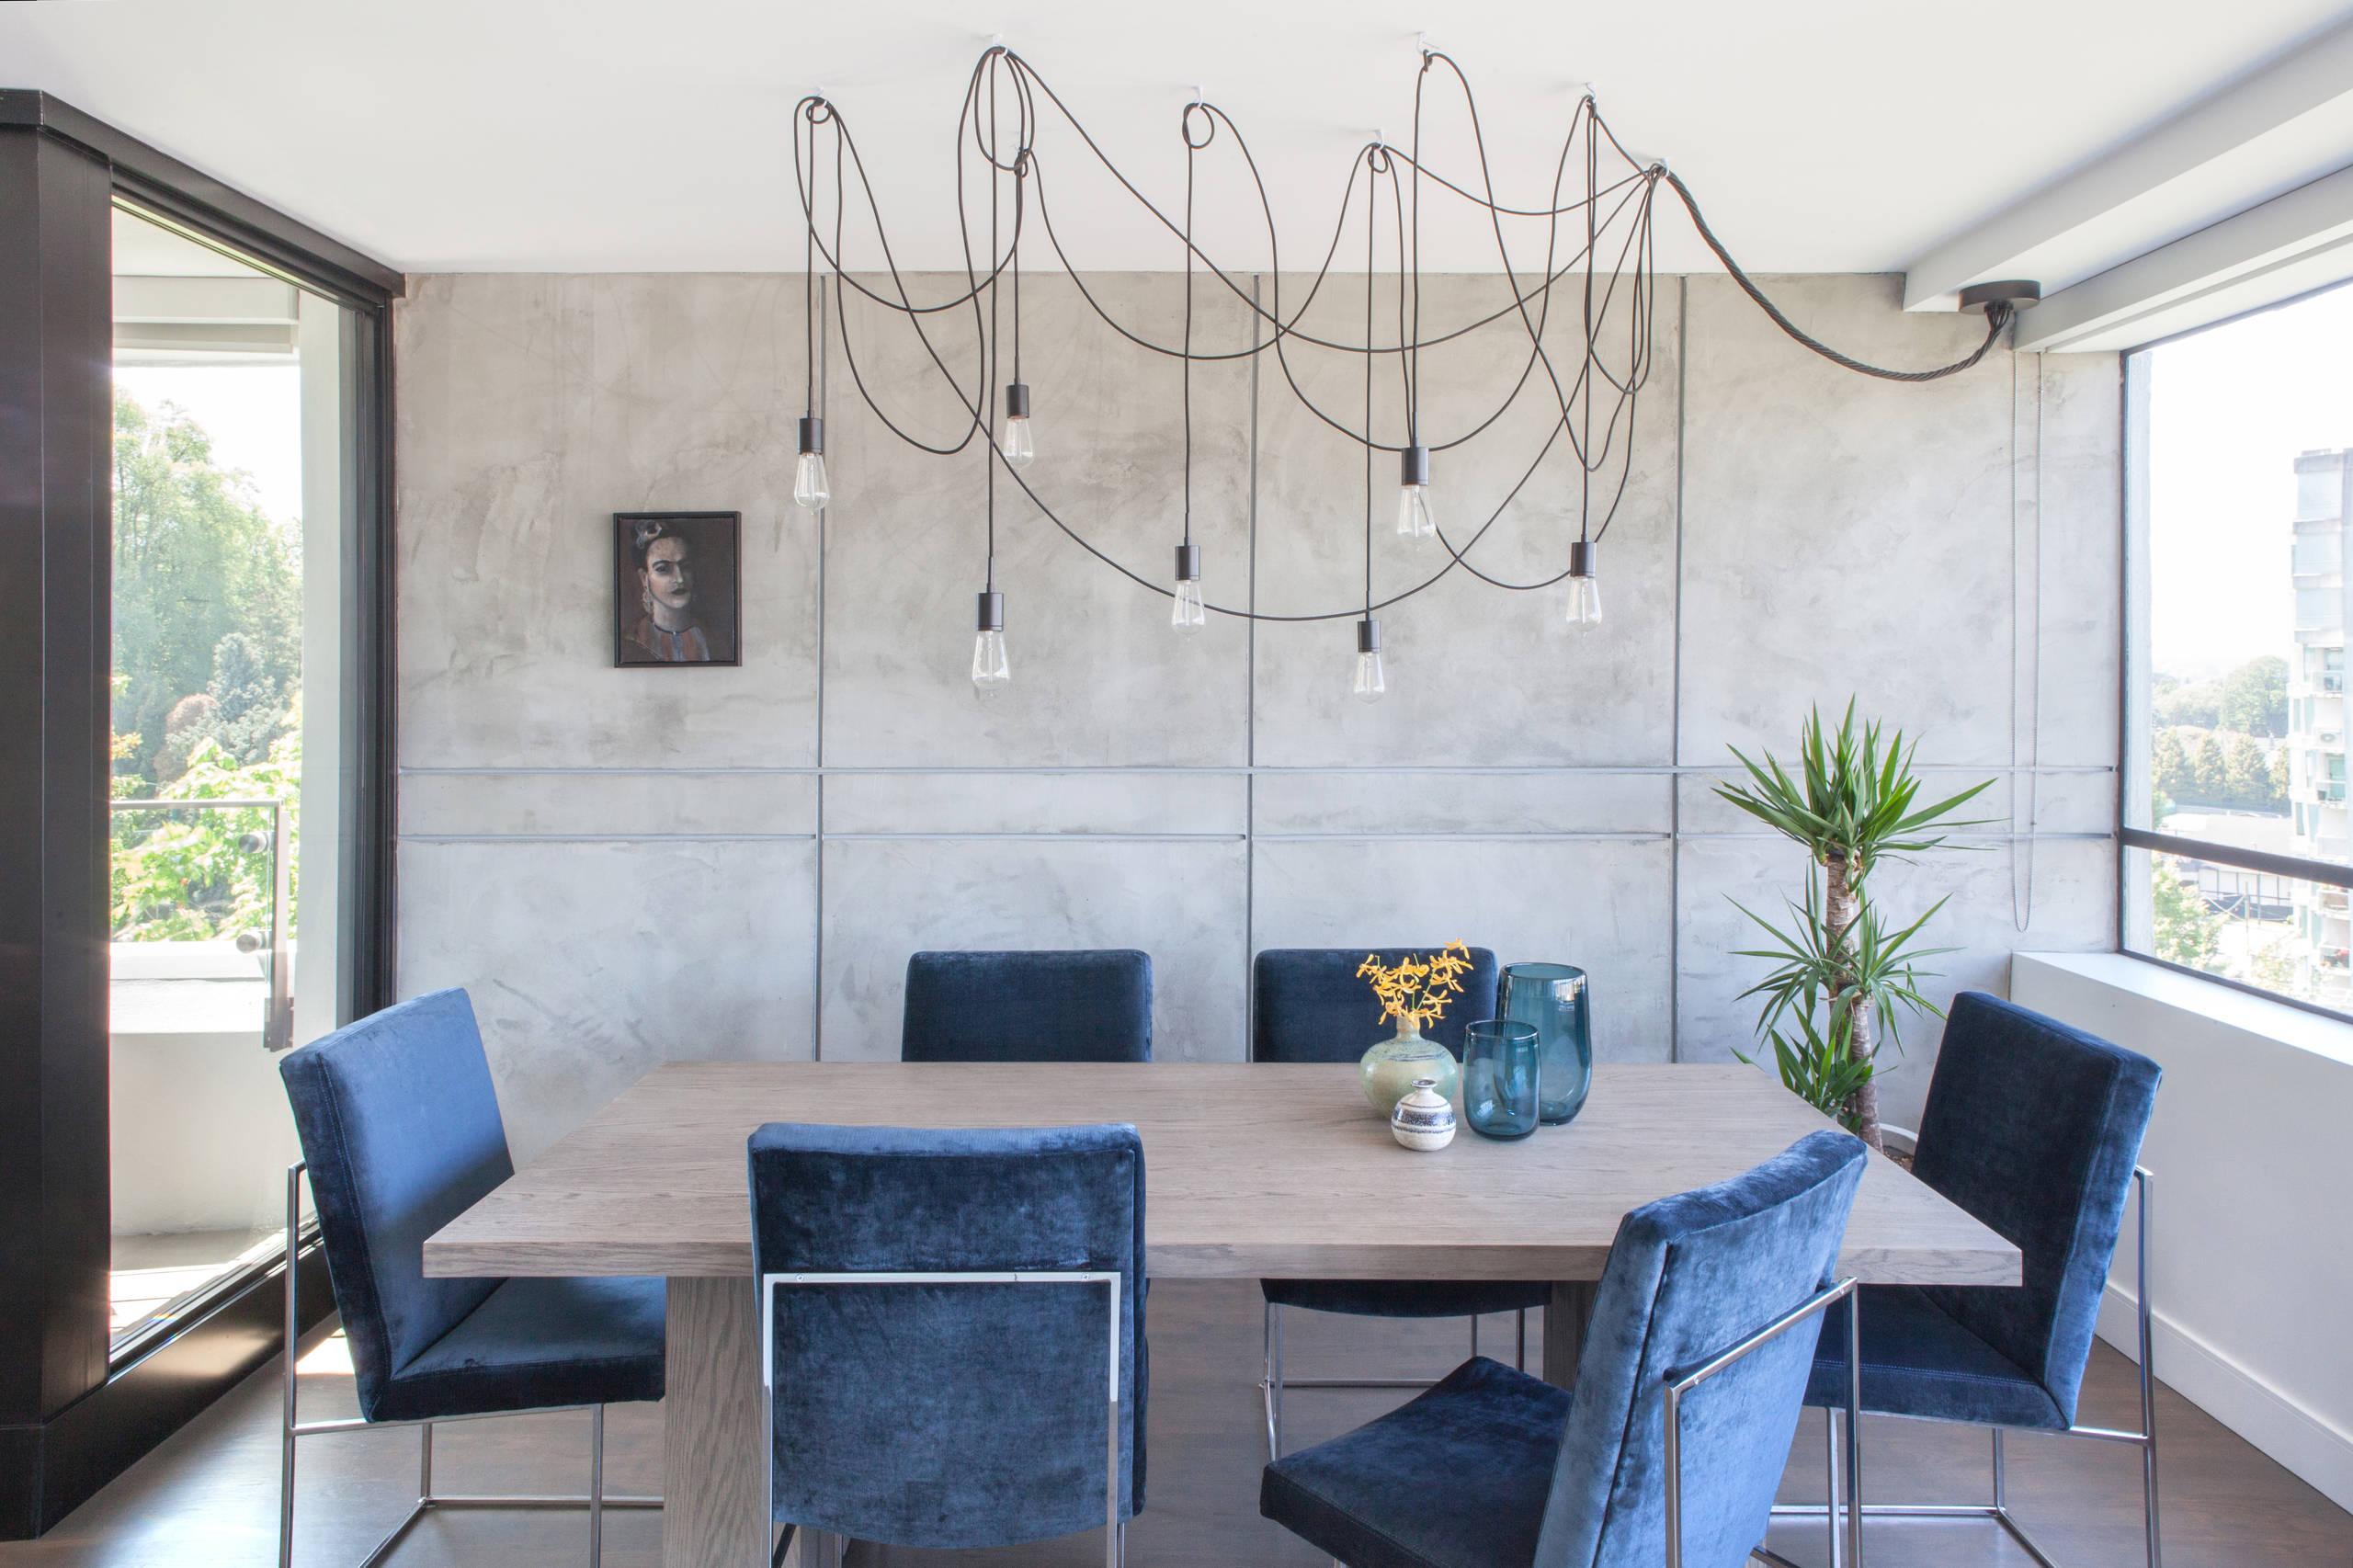 Salle à manger spacieuse aux murs décorés de papier peint imitant le béton, ce qui ne crée pas de stress inutile à l'intérieur et rend la pièce lumineuse